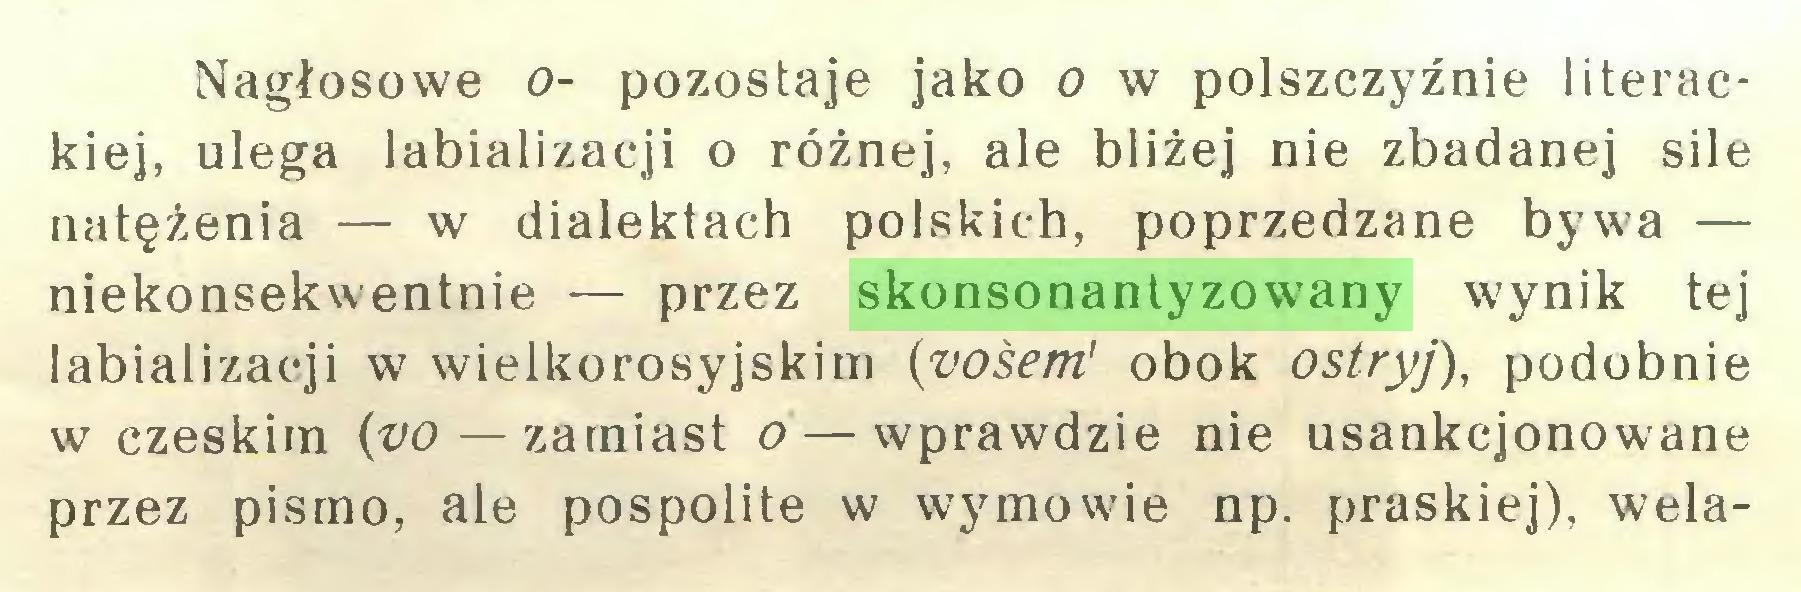 (...) Nagłosowe o- pozostaje jako o w polszczyźnie literackiej, ulega labializacji o różnej, ale bliżej nie zbadanej sile natężenia — w dialektach polskich, poprzedzane bywa — niekonsekwentnie — przez skonsonantyzowany wynik tej labializacji w wielkorosyjskim (vośem' obok ostryj), podobnie w czeskim (vo—zamiast o — wprawdzie nie usankcjonowane przez pismo, ale pospolite w wymowie np. praskiej), wela...